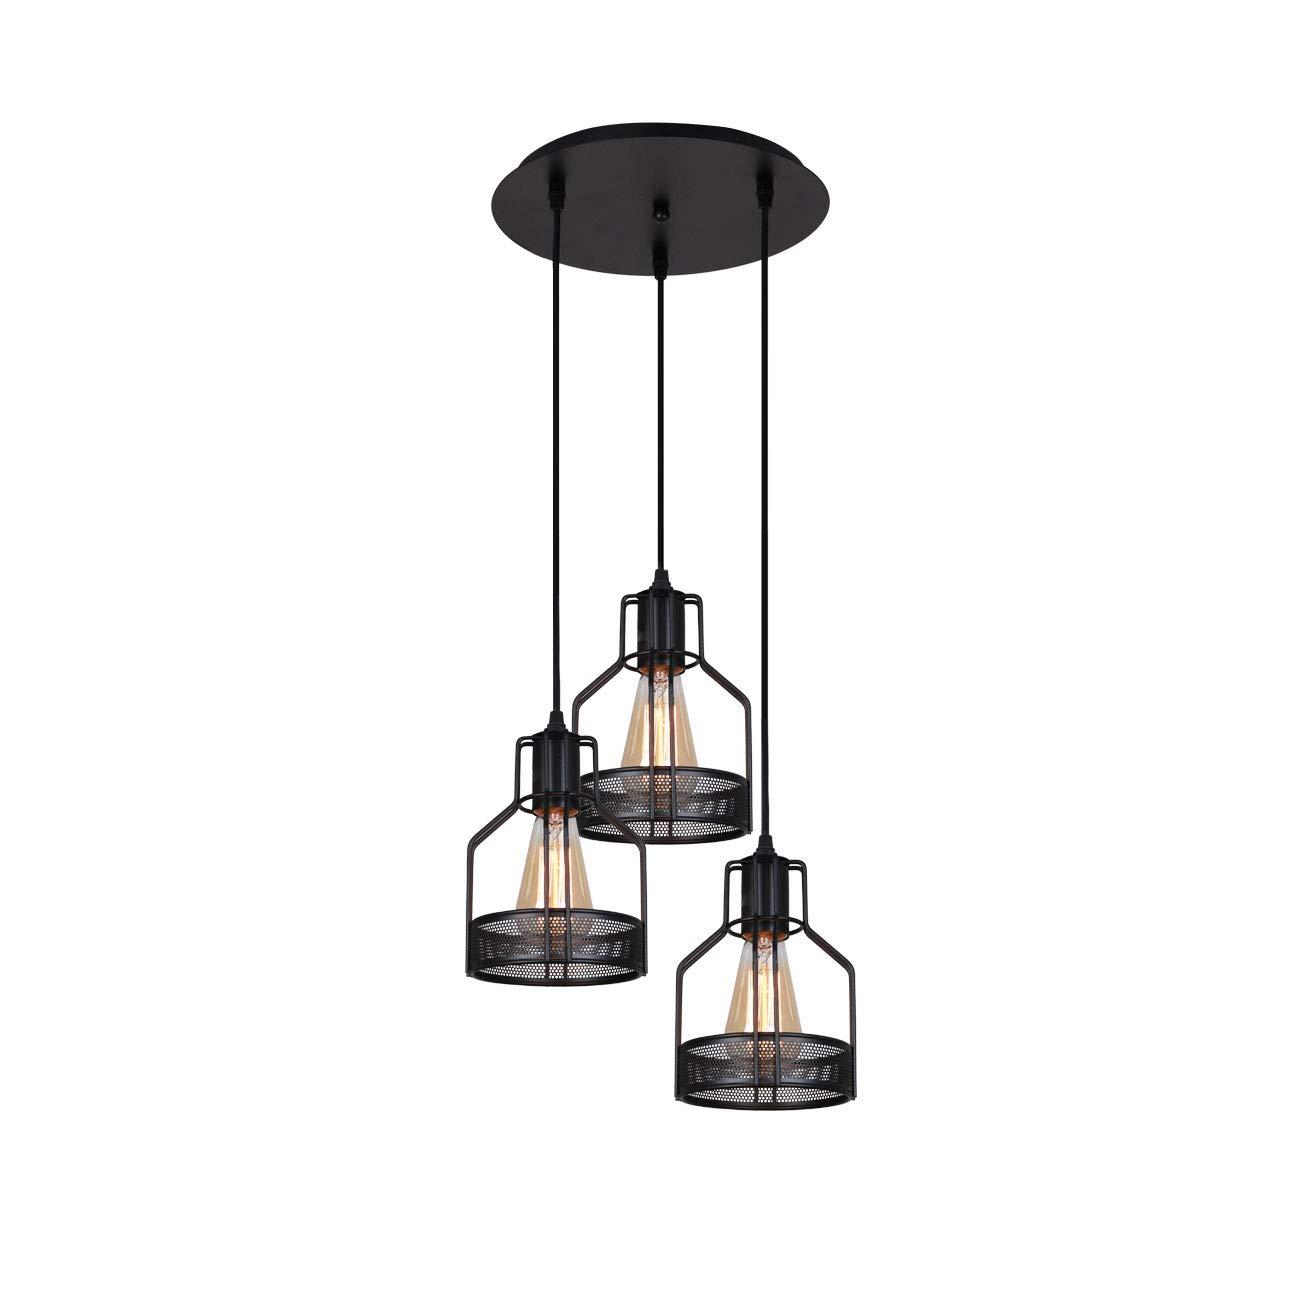 Kitchen Lighting Fixtures: Amazon.com